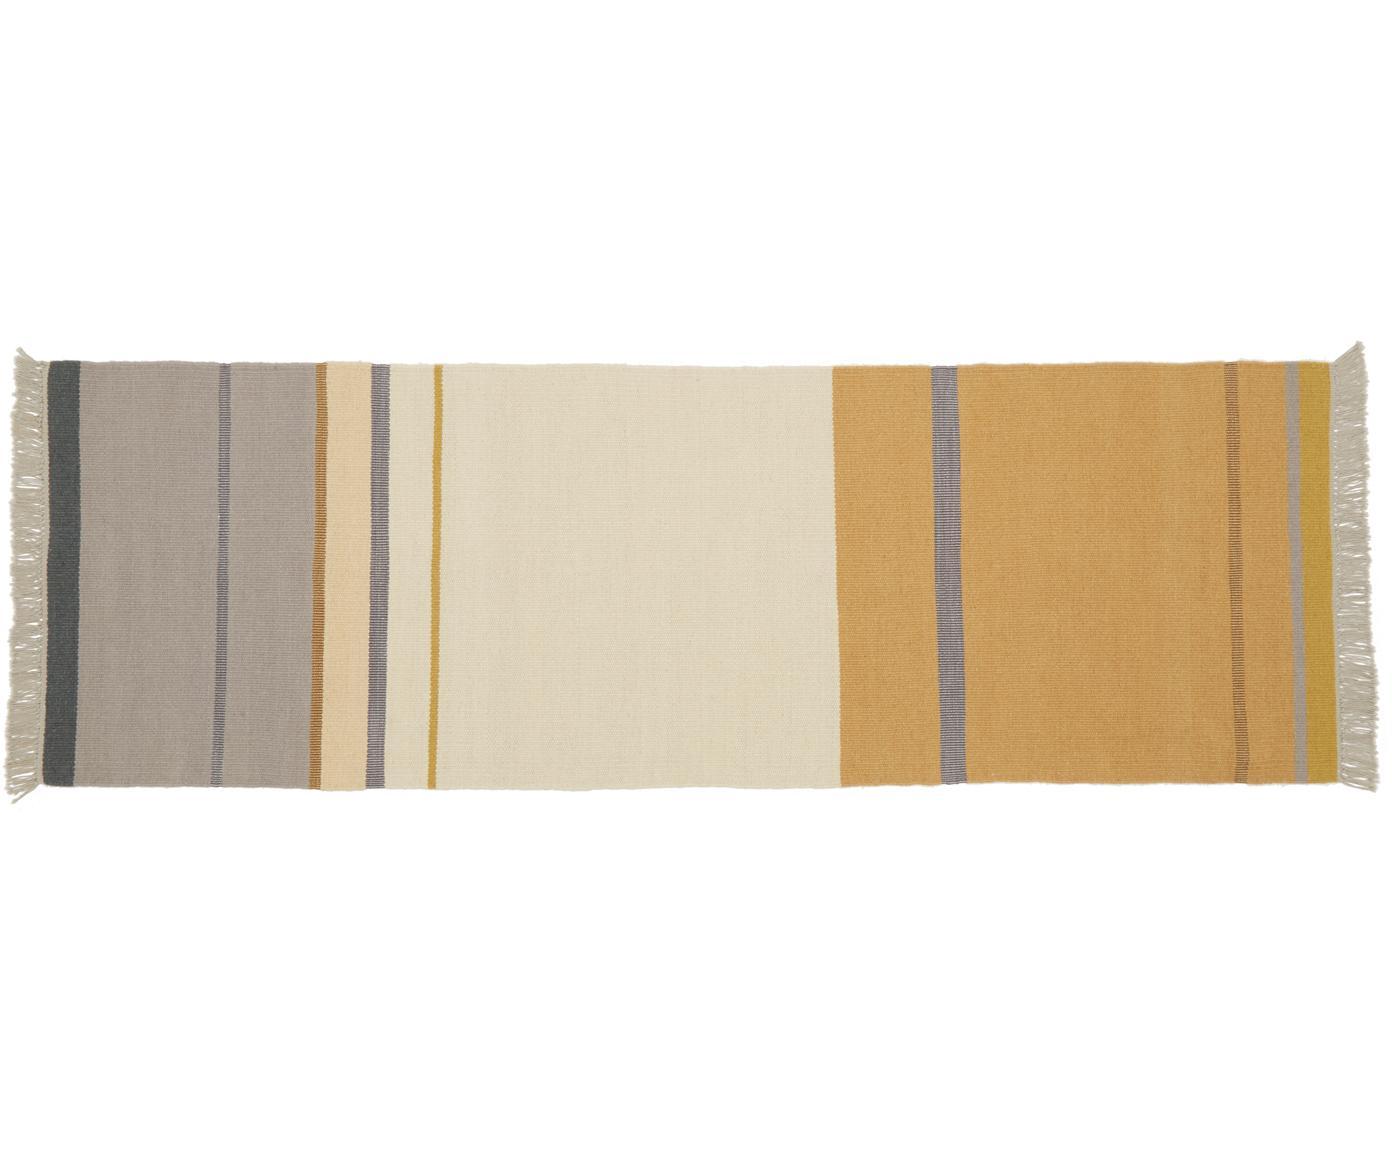 Wollen loper Metallum in beige/geel met franjes, handgeweven, Multicolour, 80 x 250 cm